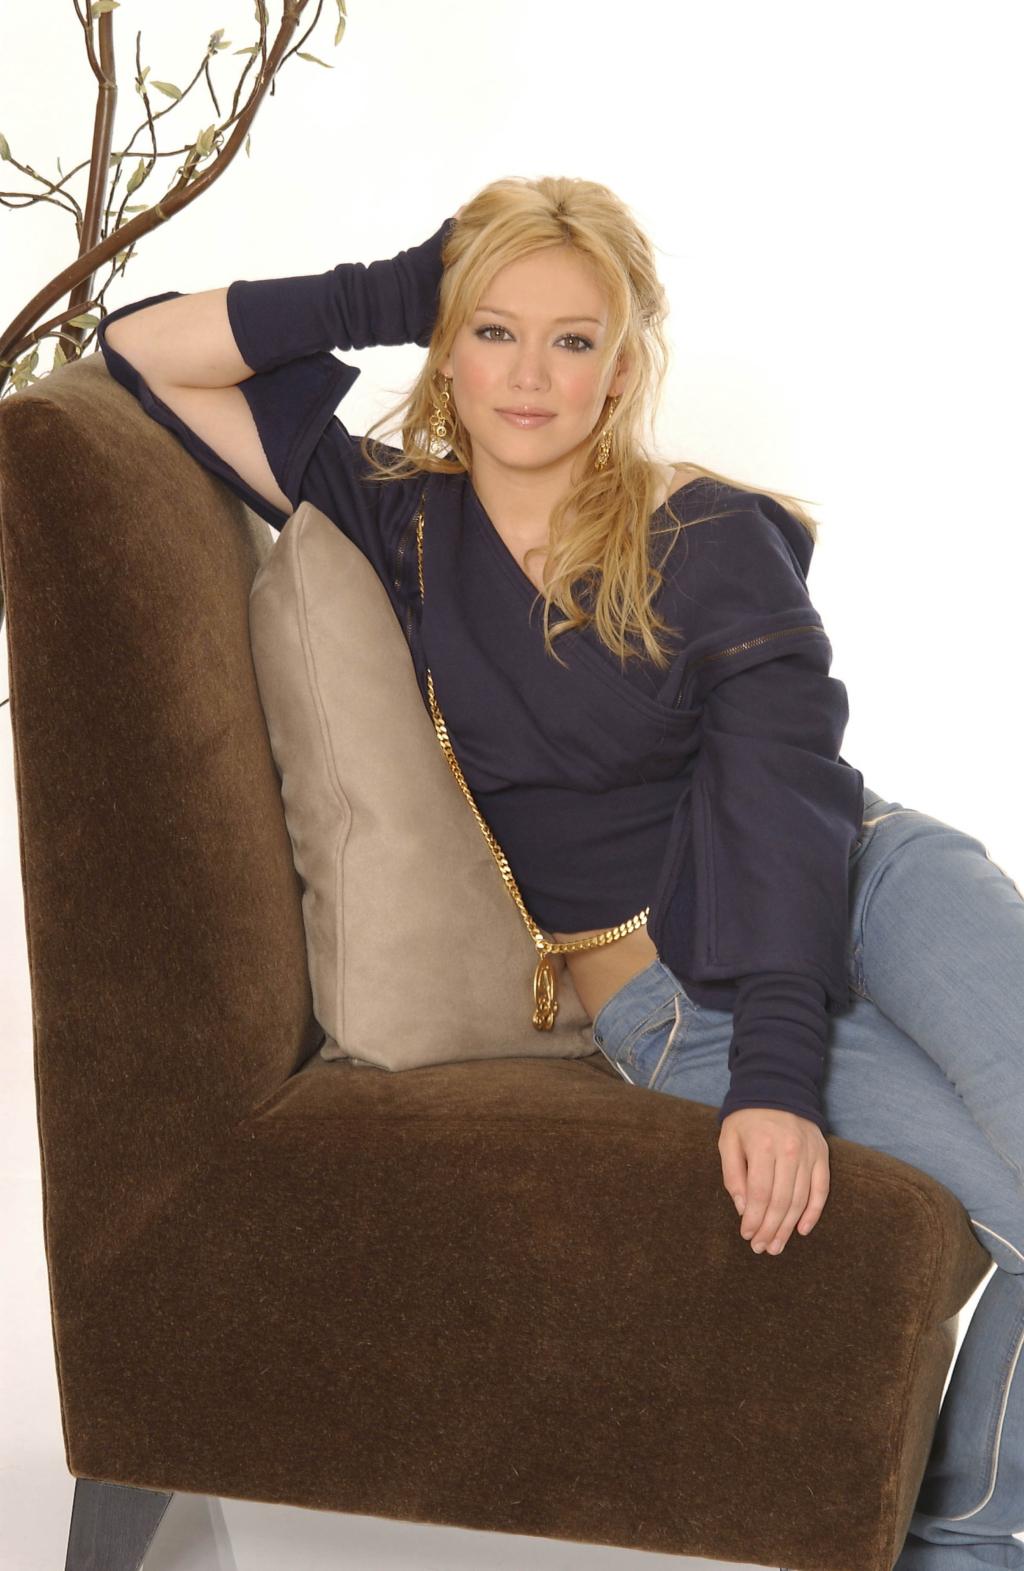 Hilary Duff, Hilary Duff picture, Hilary Duff wallpapers, 섹시한사진, 힐러리 더프 고화질 사진, 힐러리 더프 사진, 힐러리더프, 힐러리더프 고화질사진, 힐러리더프 바탕화면, 힐러리더프 배경화면, 힐러리더프 사진, 힐러리더프 화보